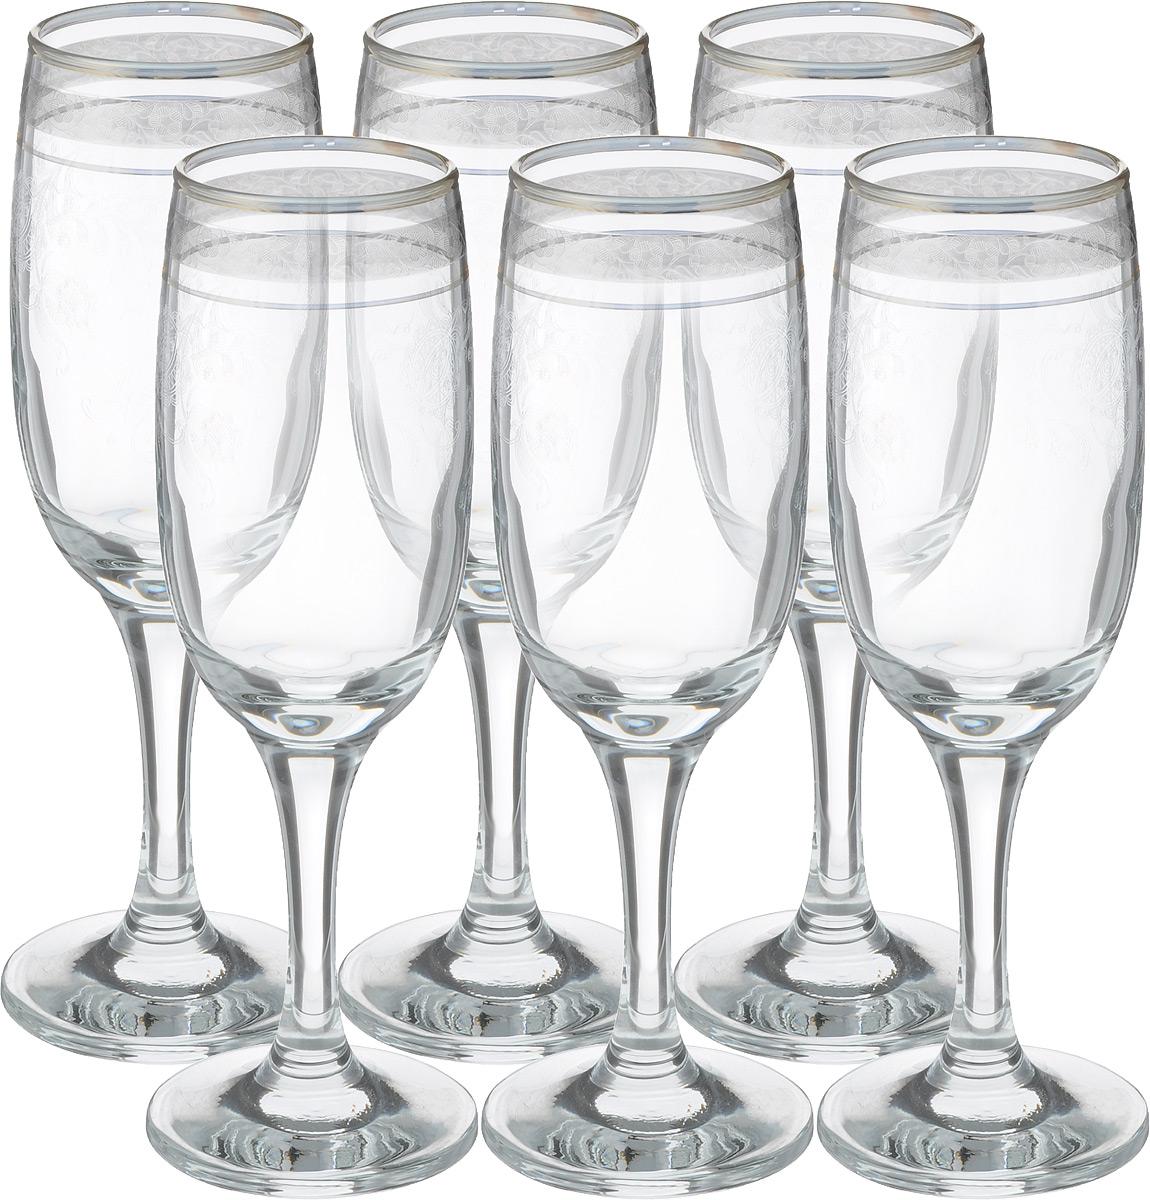 Набор бокалов Гусь Хрустальный Нежность, 190 мл, 6 штTL34-419Набор Гусь-Хрустальный Нежность состоит из 6 бокалов на длинных тонких ножках, изготовленных из высококачественного натрий-кальций-силикатного стекла. Изделия оформлены красивым зеркальным покрытием и прозрачным орнаментом. Бокалы предназначены для шампанского или вина. Такой набор прекрасно дополнит праздничный стол и станет желанным подарком в любом доме. Разрешается мыть в посудомоечной машине. Диаметр бокала (по верхнему краю): 5 см. Высота бокала: 18,5 см.